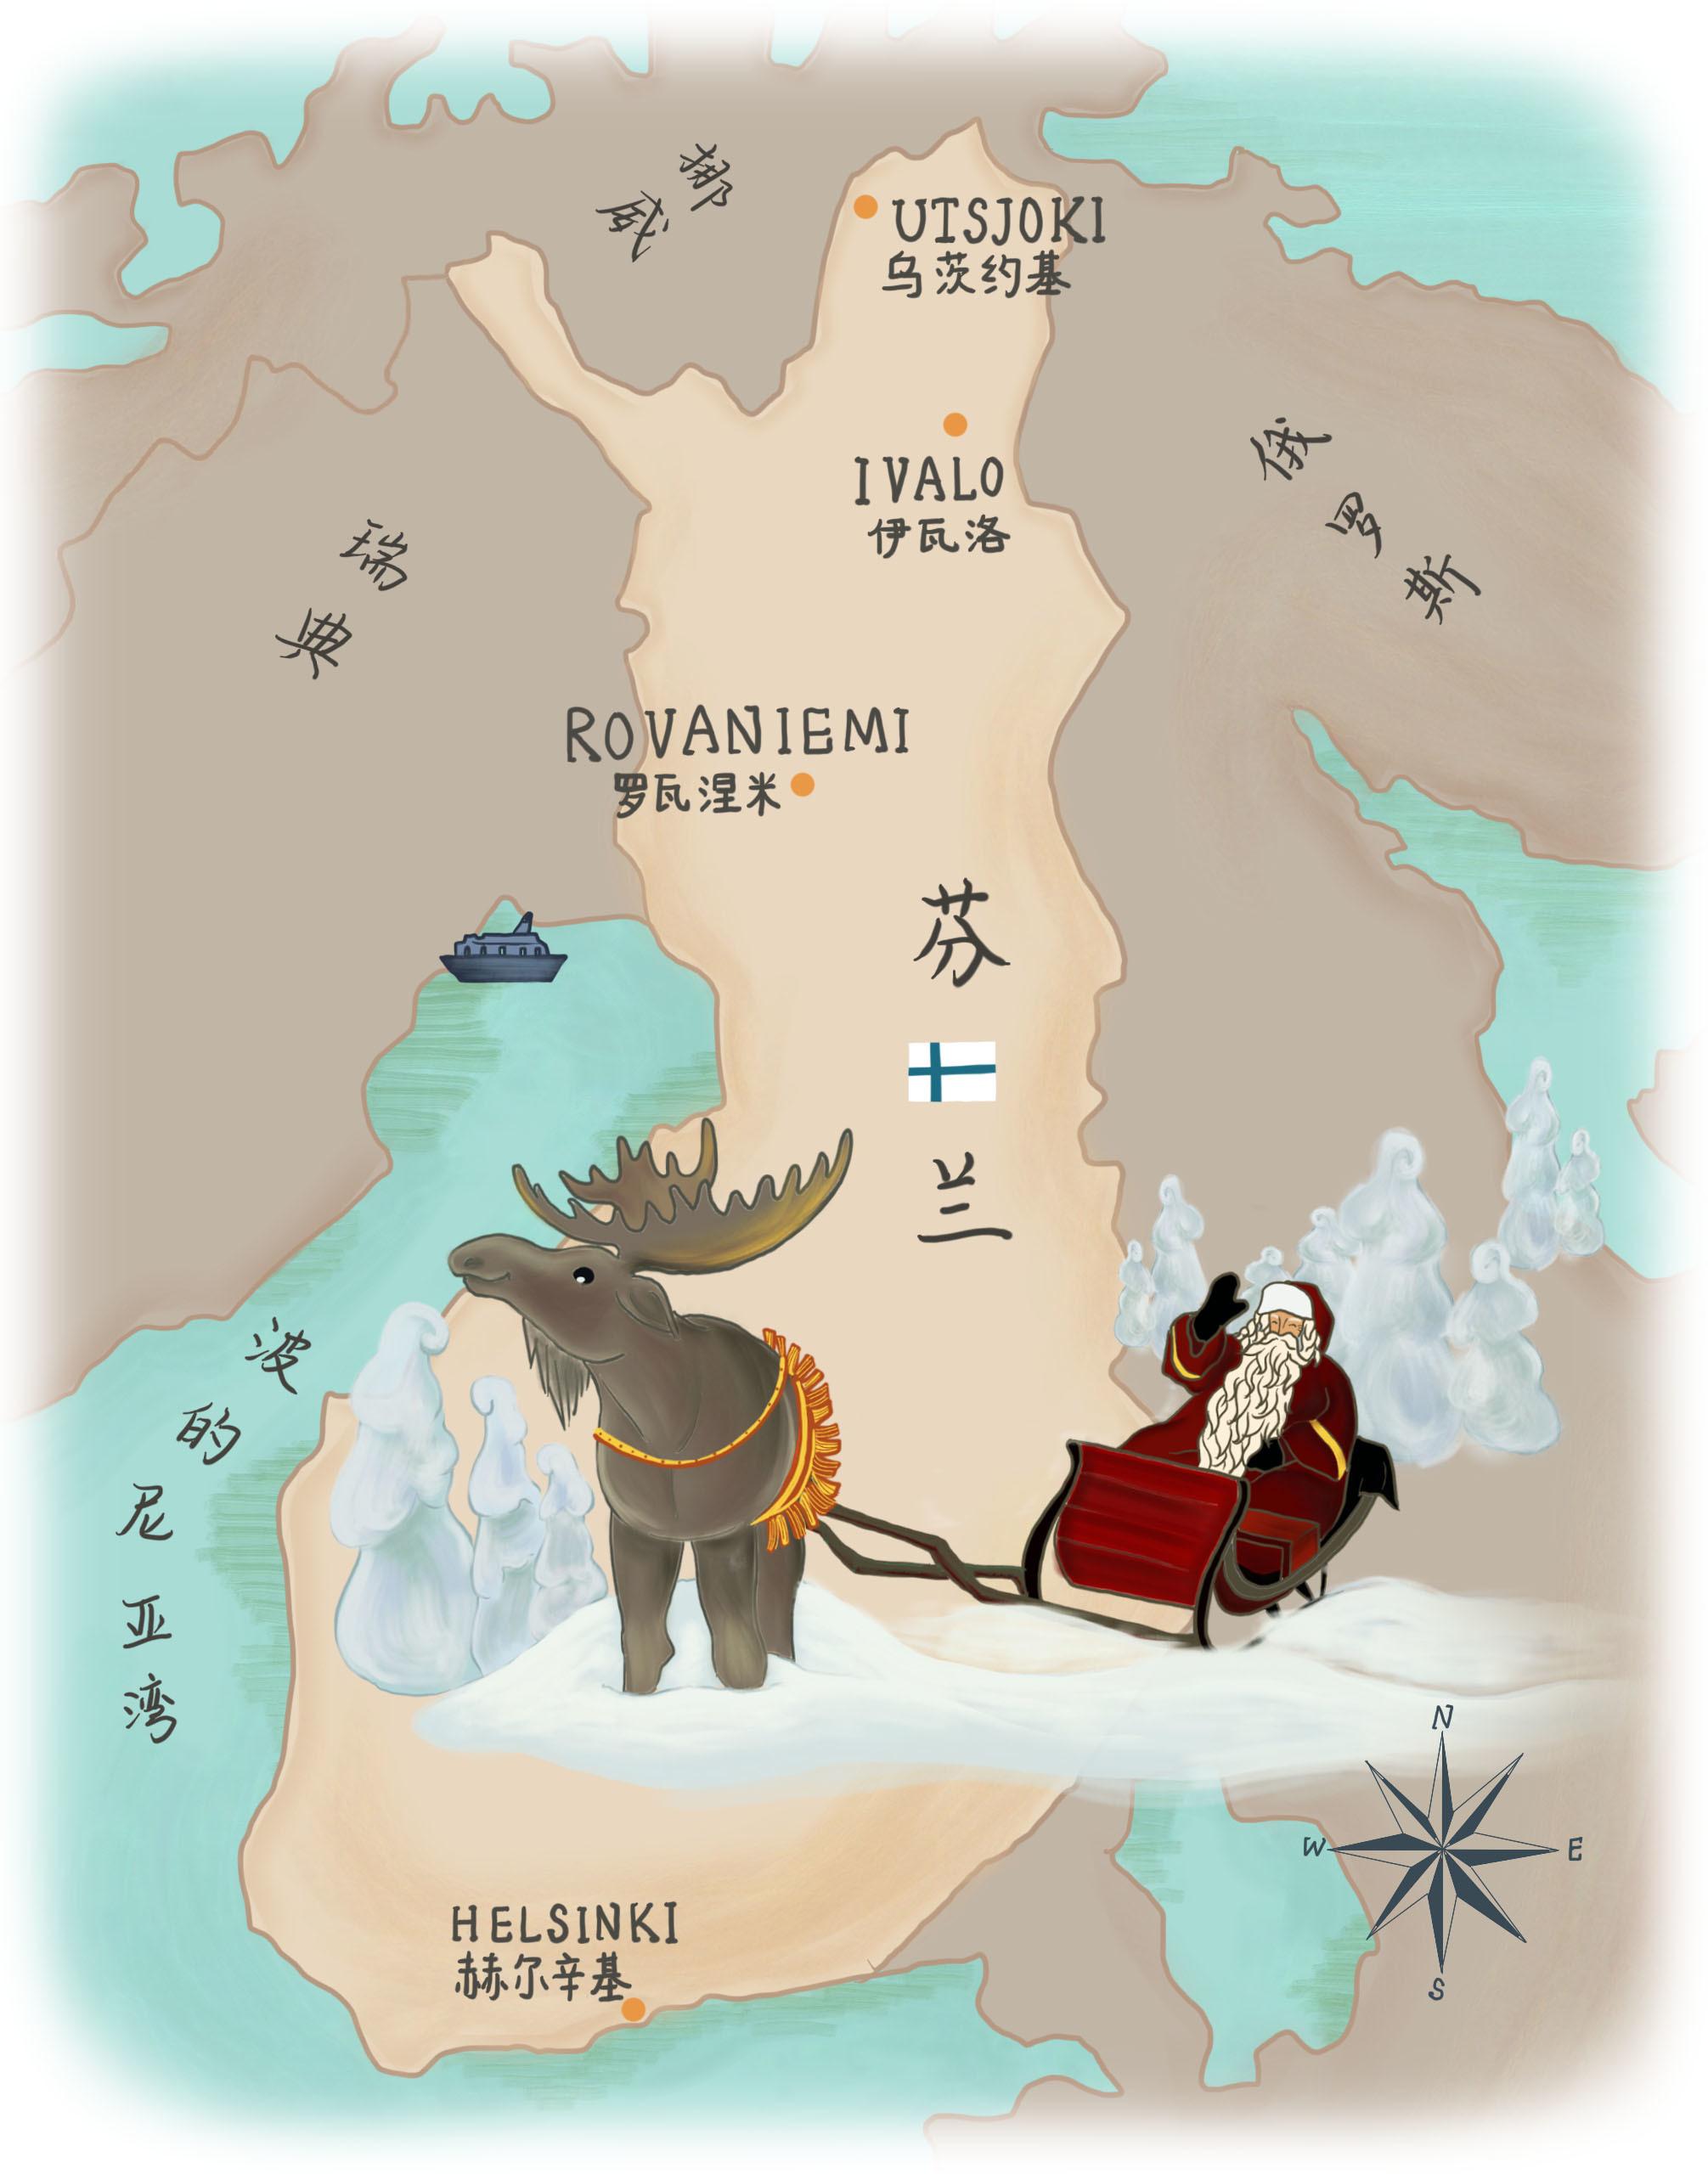 除了极光、皑皑白雪、圣诞老人和零下20度的气温。芬兰北部的拉普兰地区还生活着神秘的萨米人。他们曾经被...